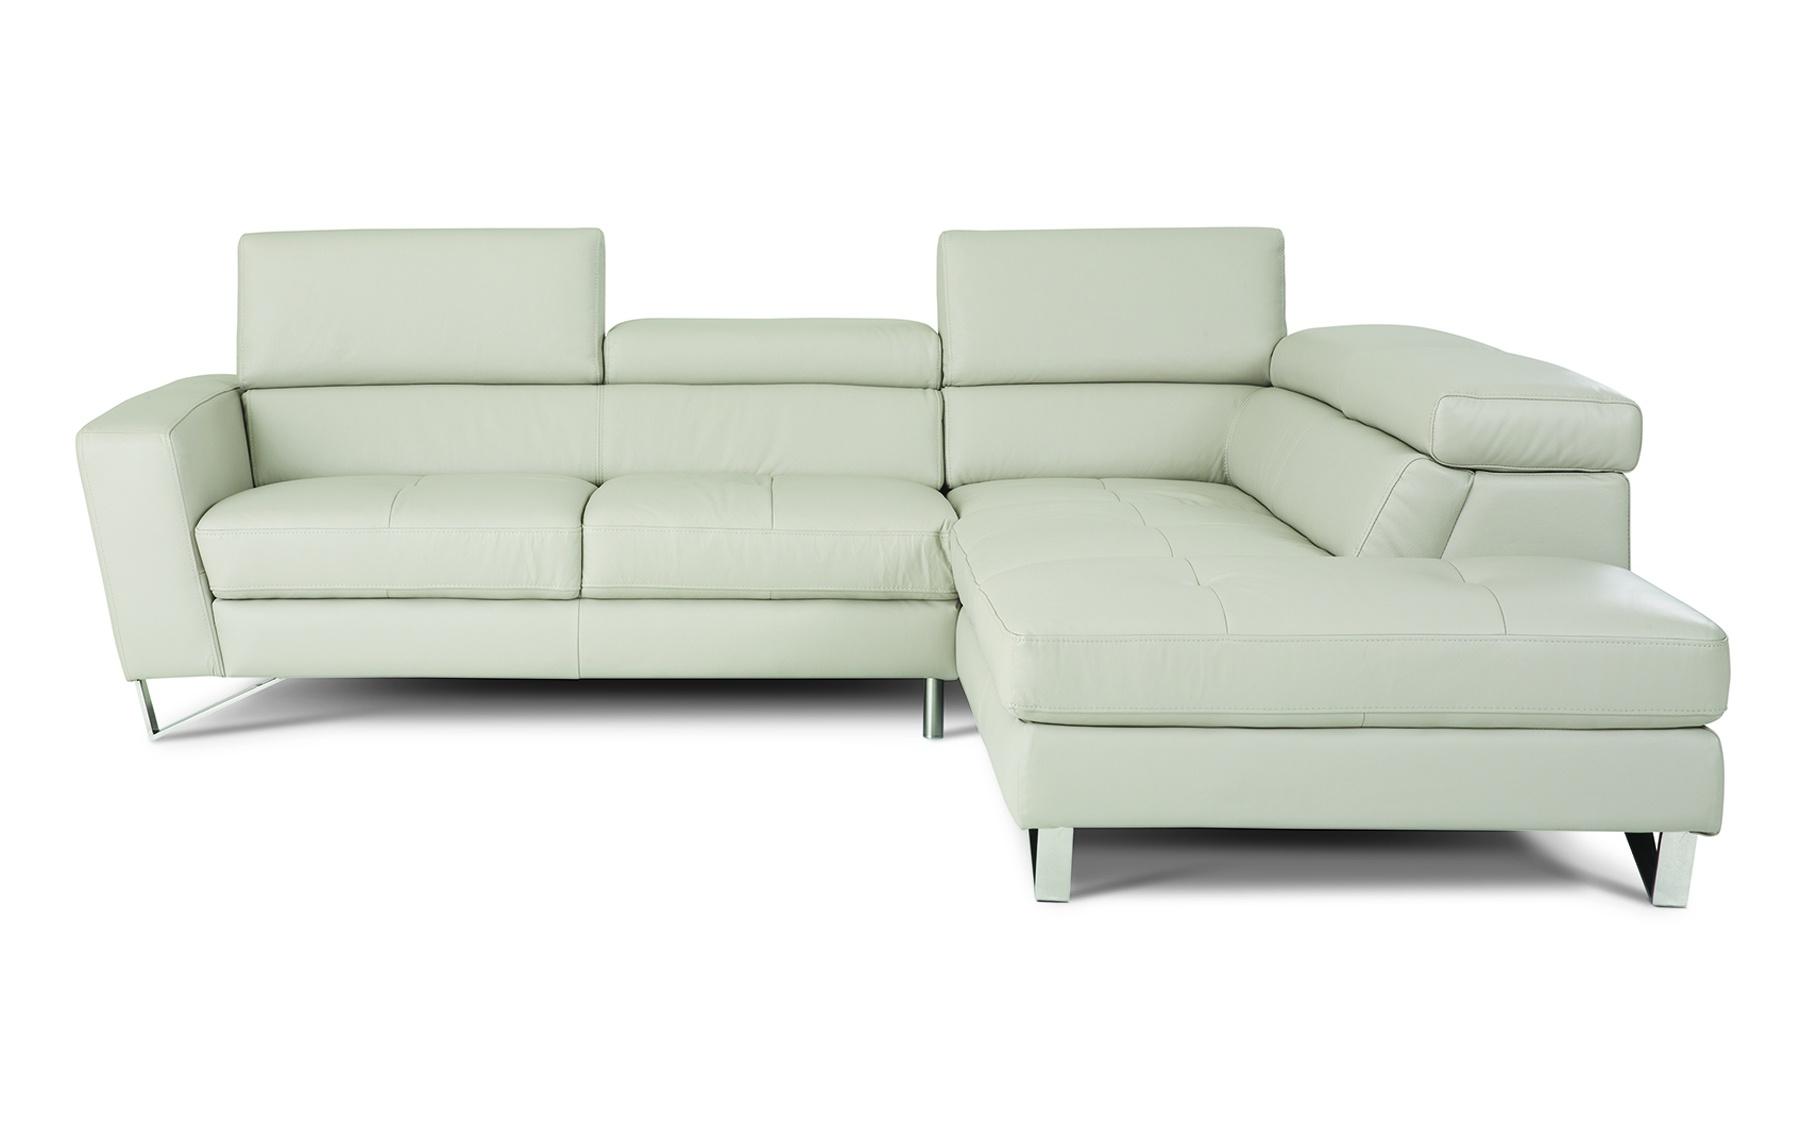 canap composable cuir c767 composables salons la galerie du meuble. Black Bedroom Furniture Sets. Home Design Ideas